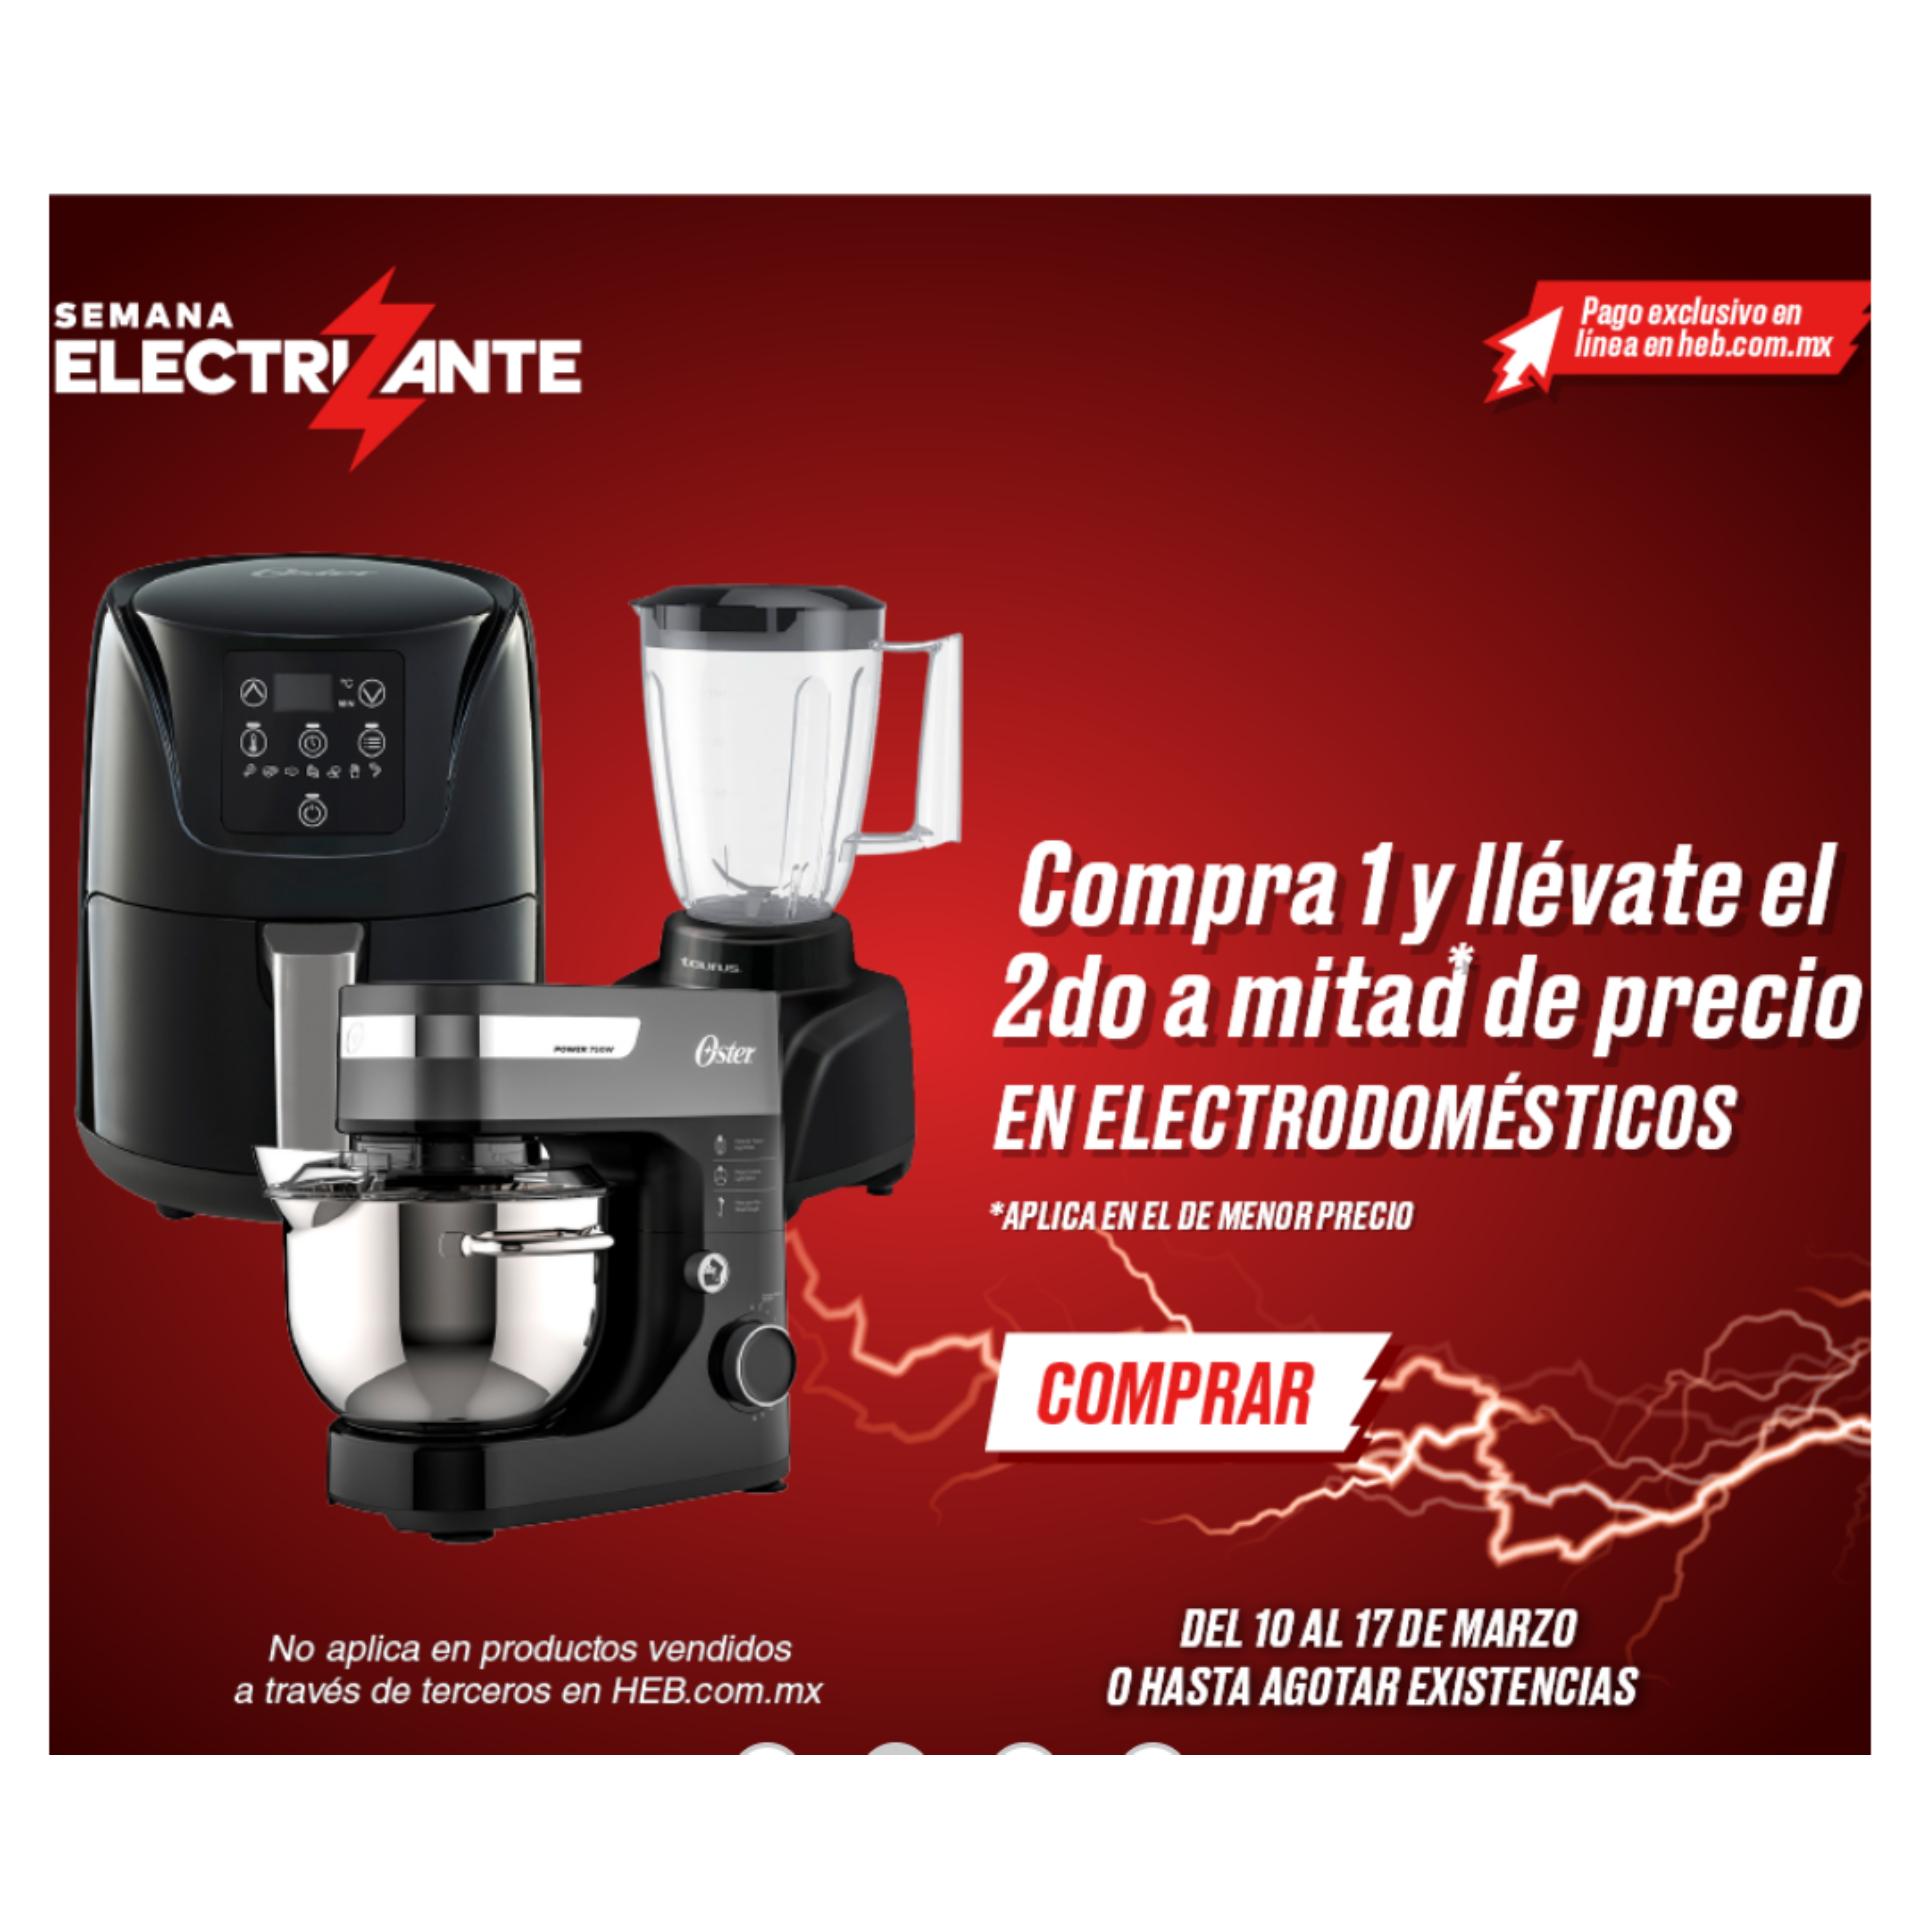 HEB en línea 2 x 1 1/2 en electrodomésticos